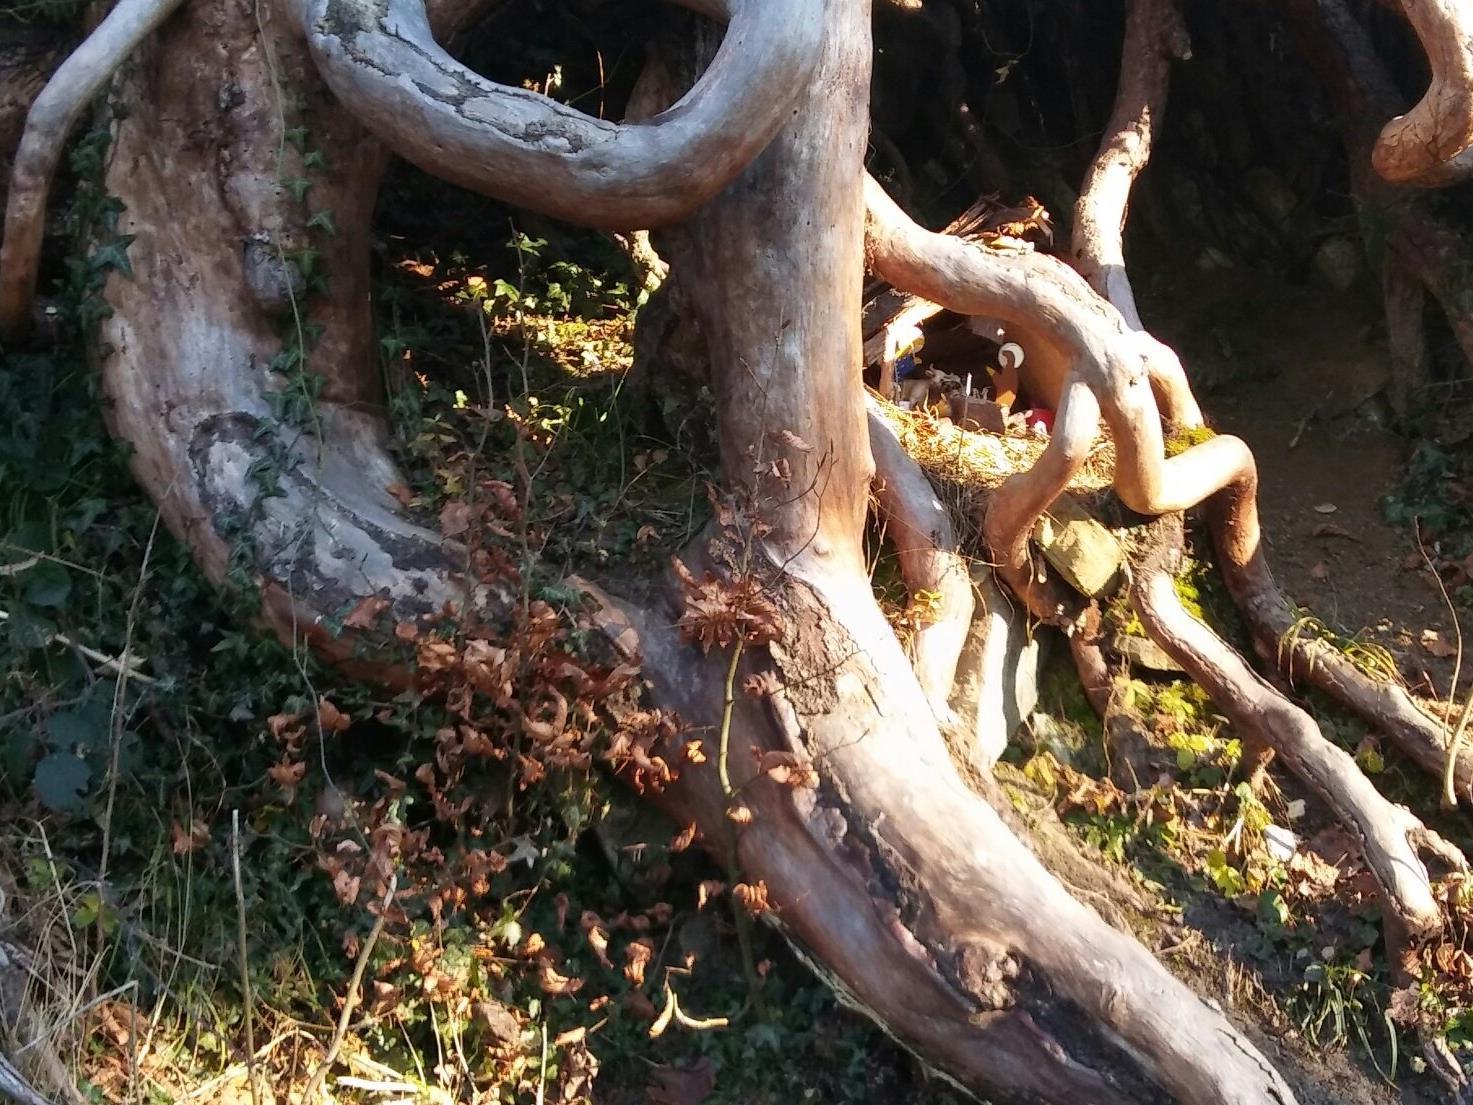 Die Krippe befindet sich in einem alten Wurzelstock am Wegesrand nach Eschenau.